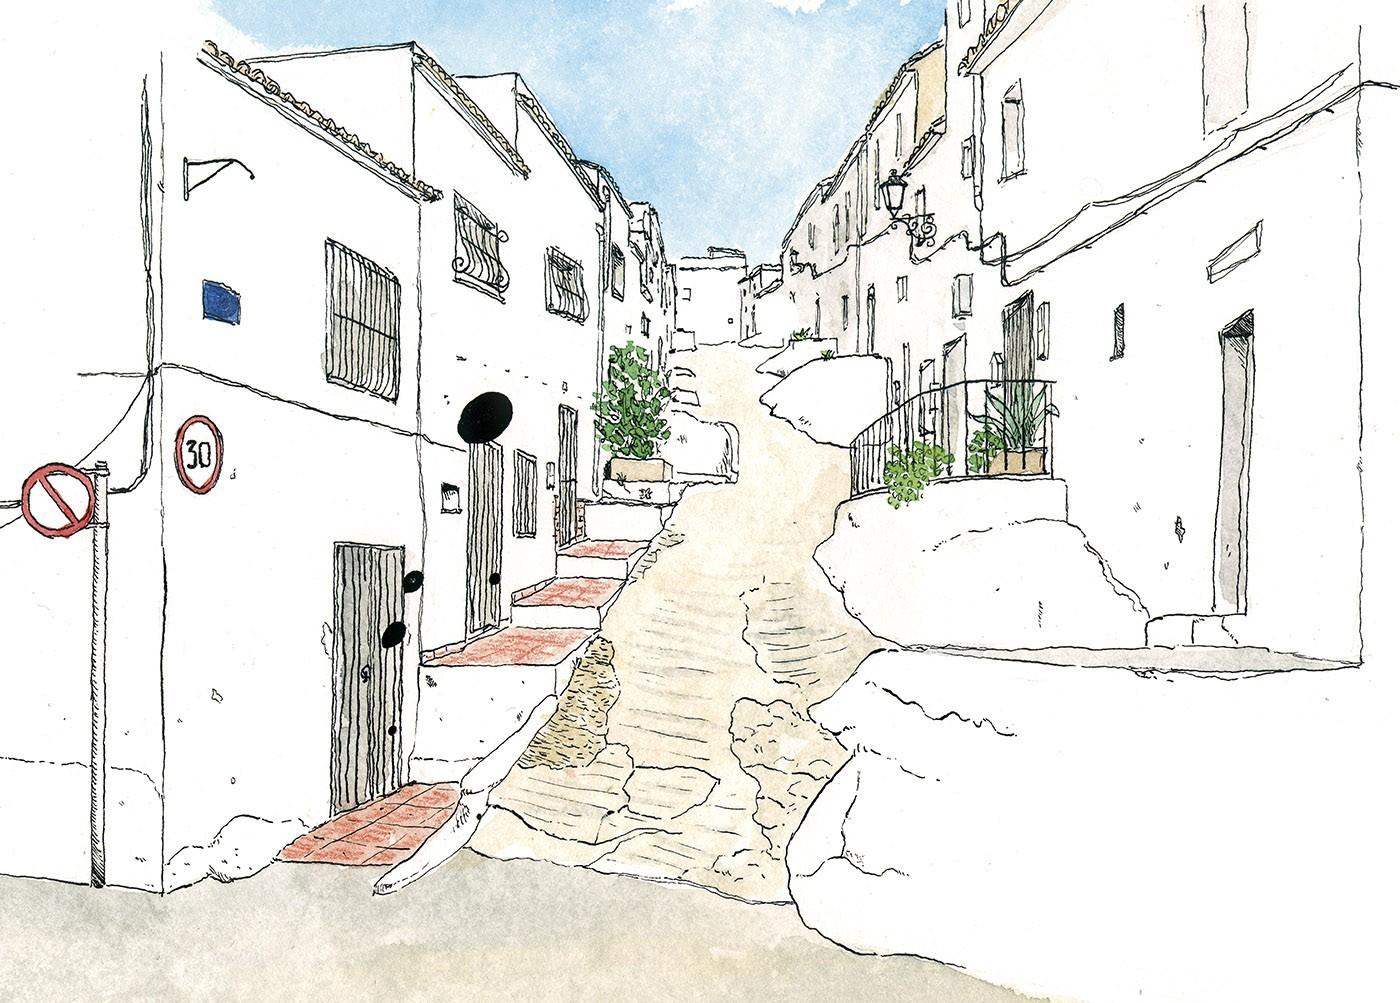 Dibujo en acuarela de la calle de la hoz en Oliva, La Safor. Valencia